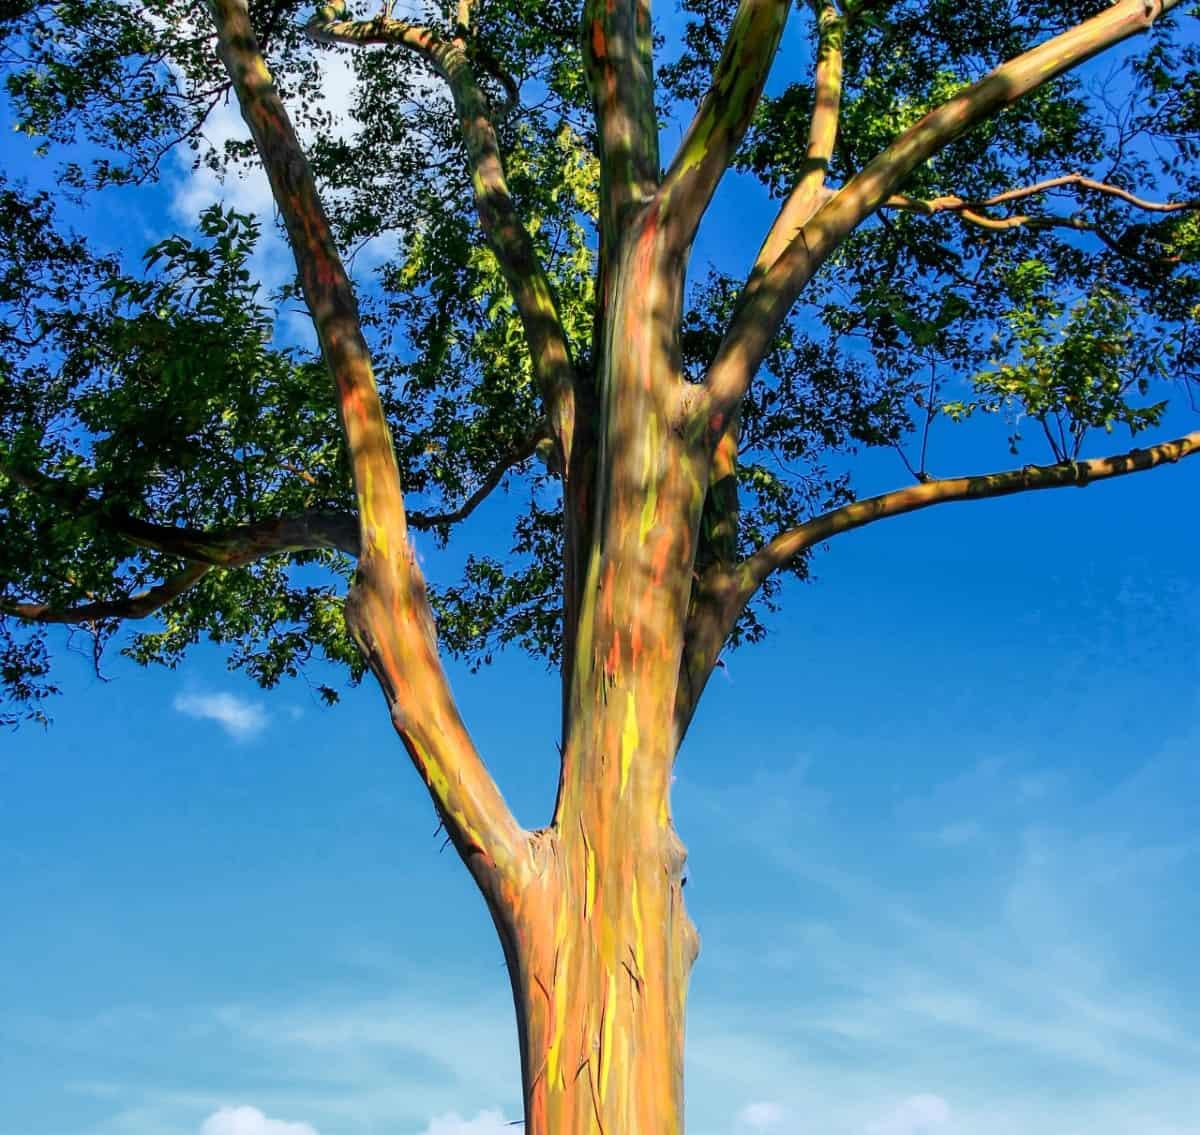 The unusual rainbow eucalyptus tree looks like it was painted.